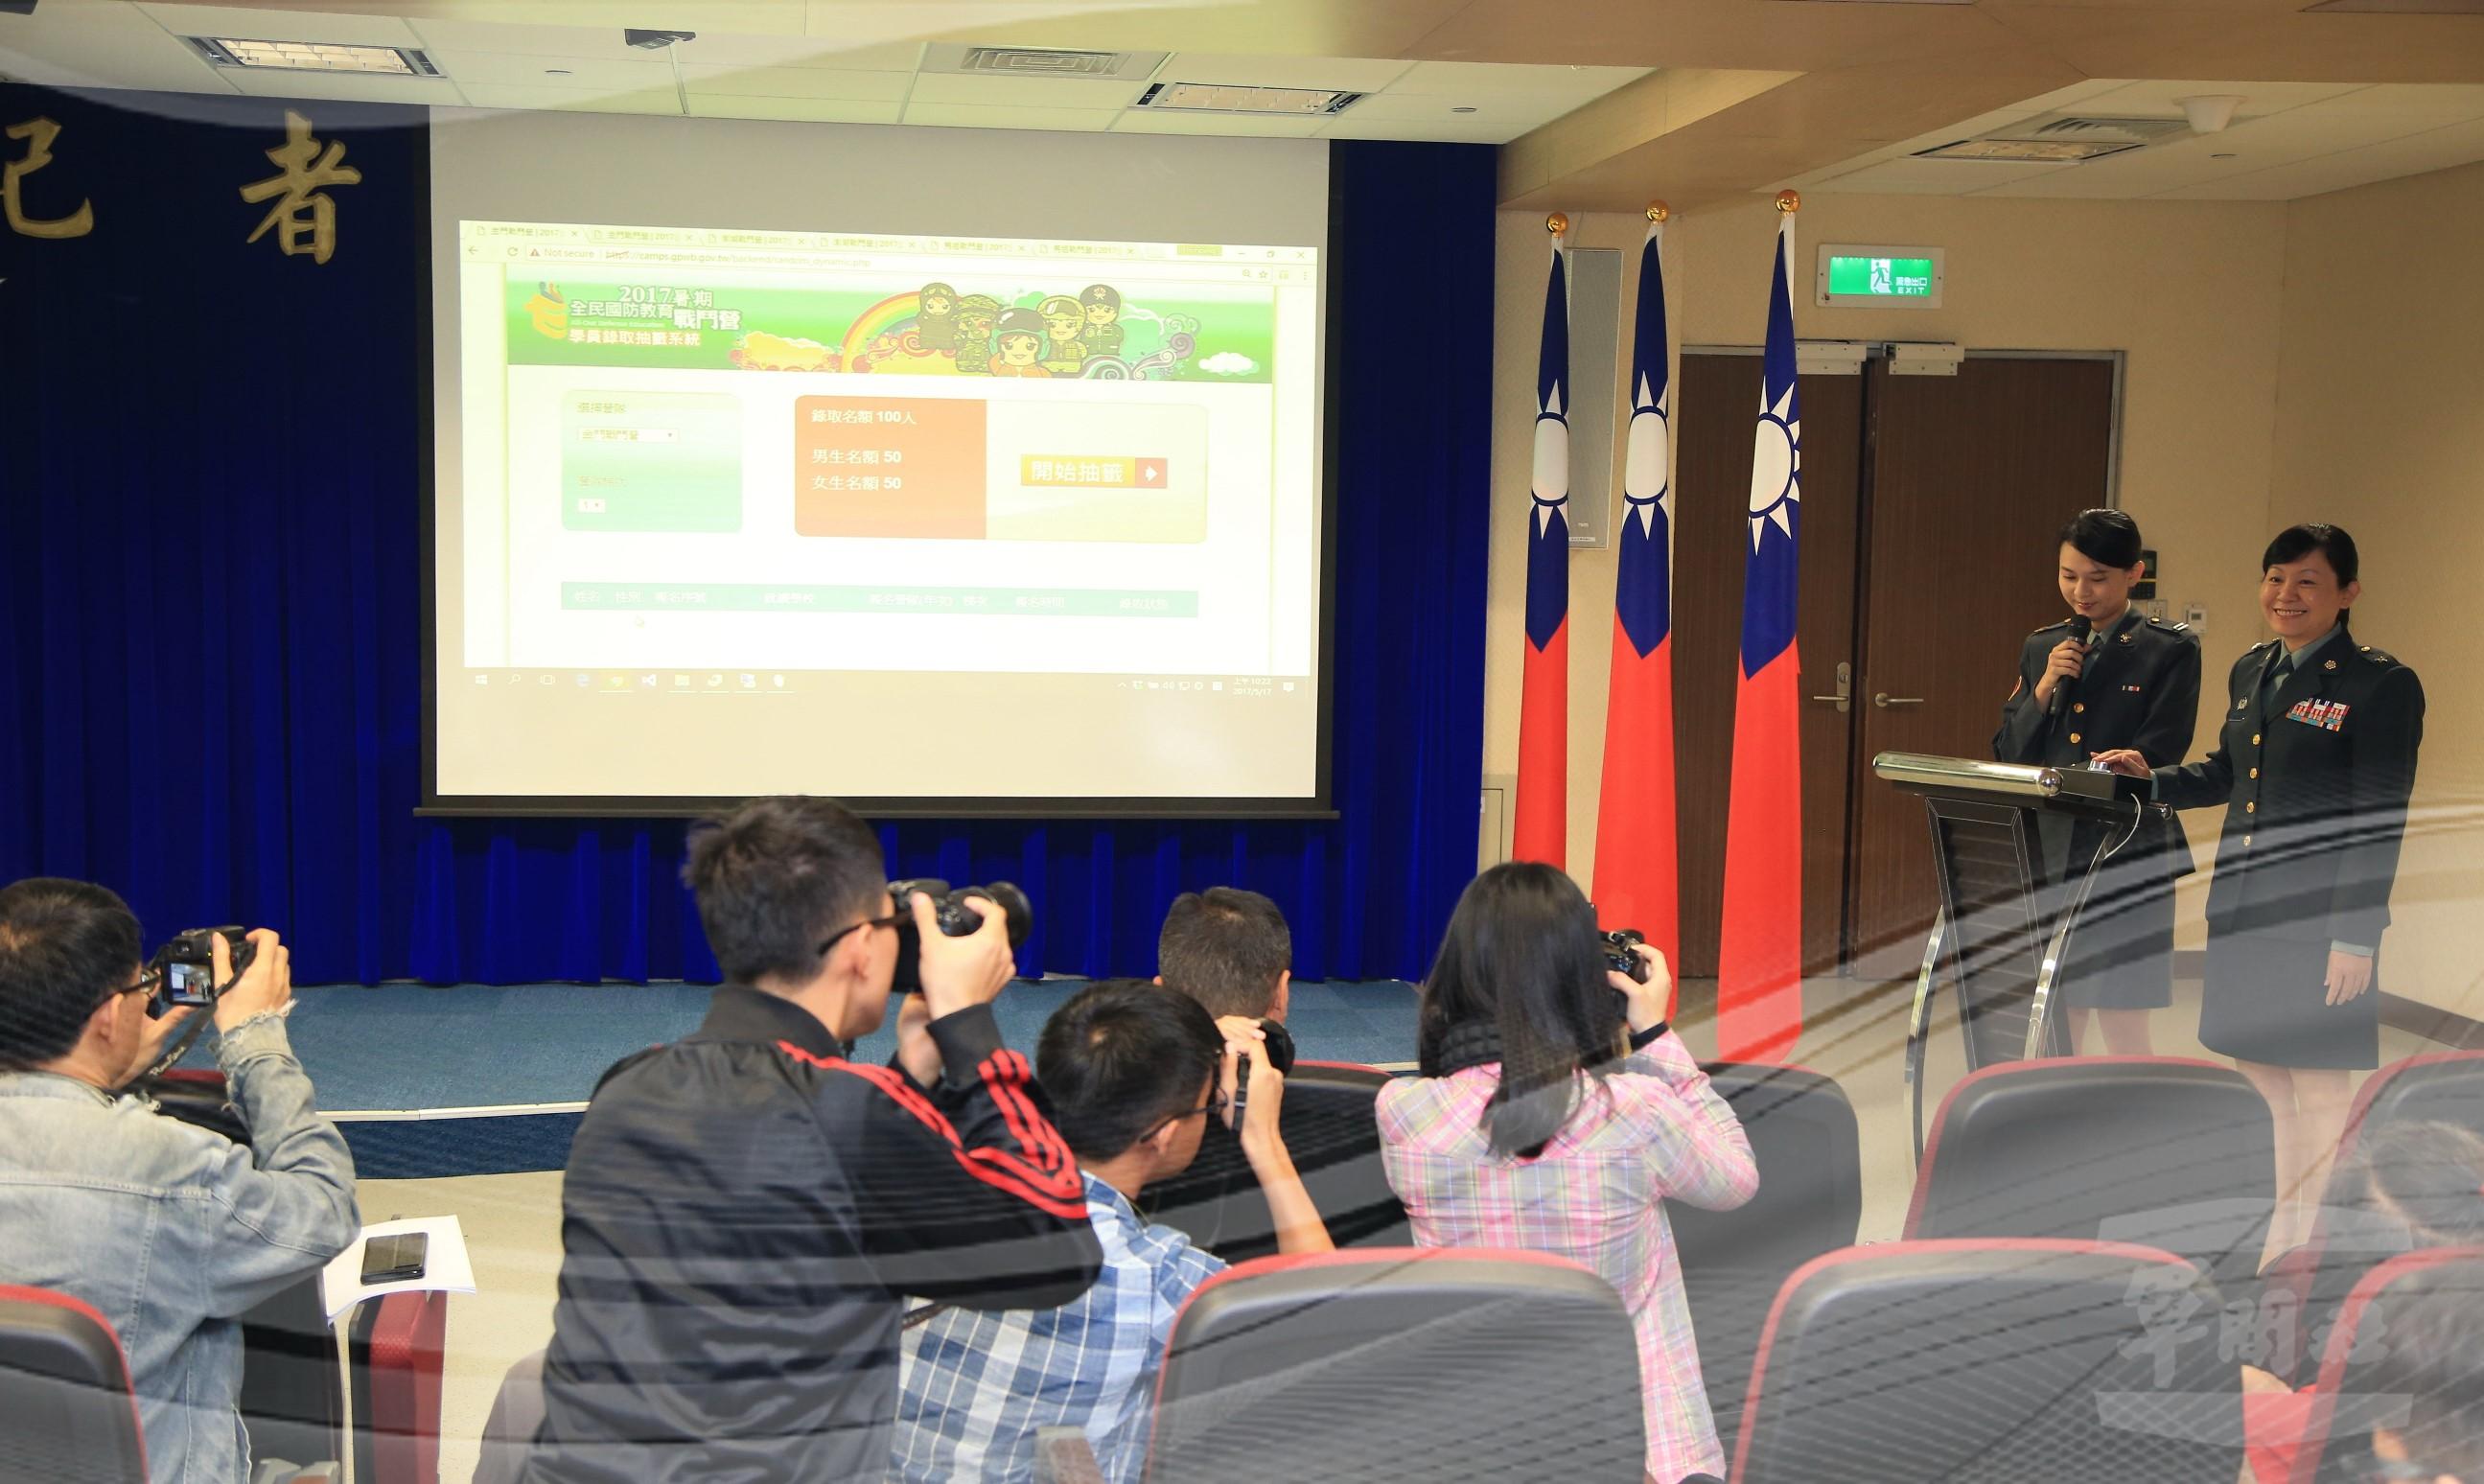 106年全民國防教育暑期戰鬥營公開抽籤